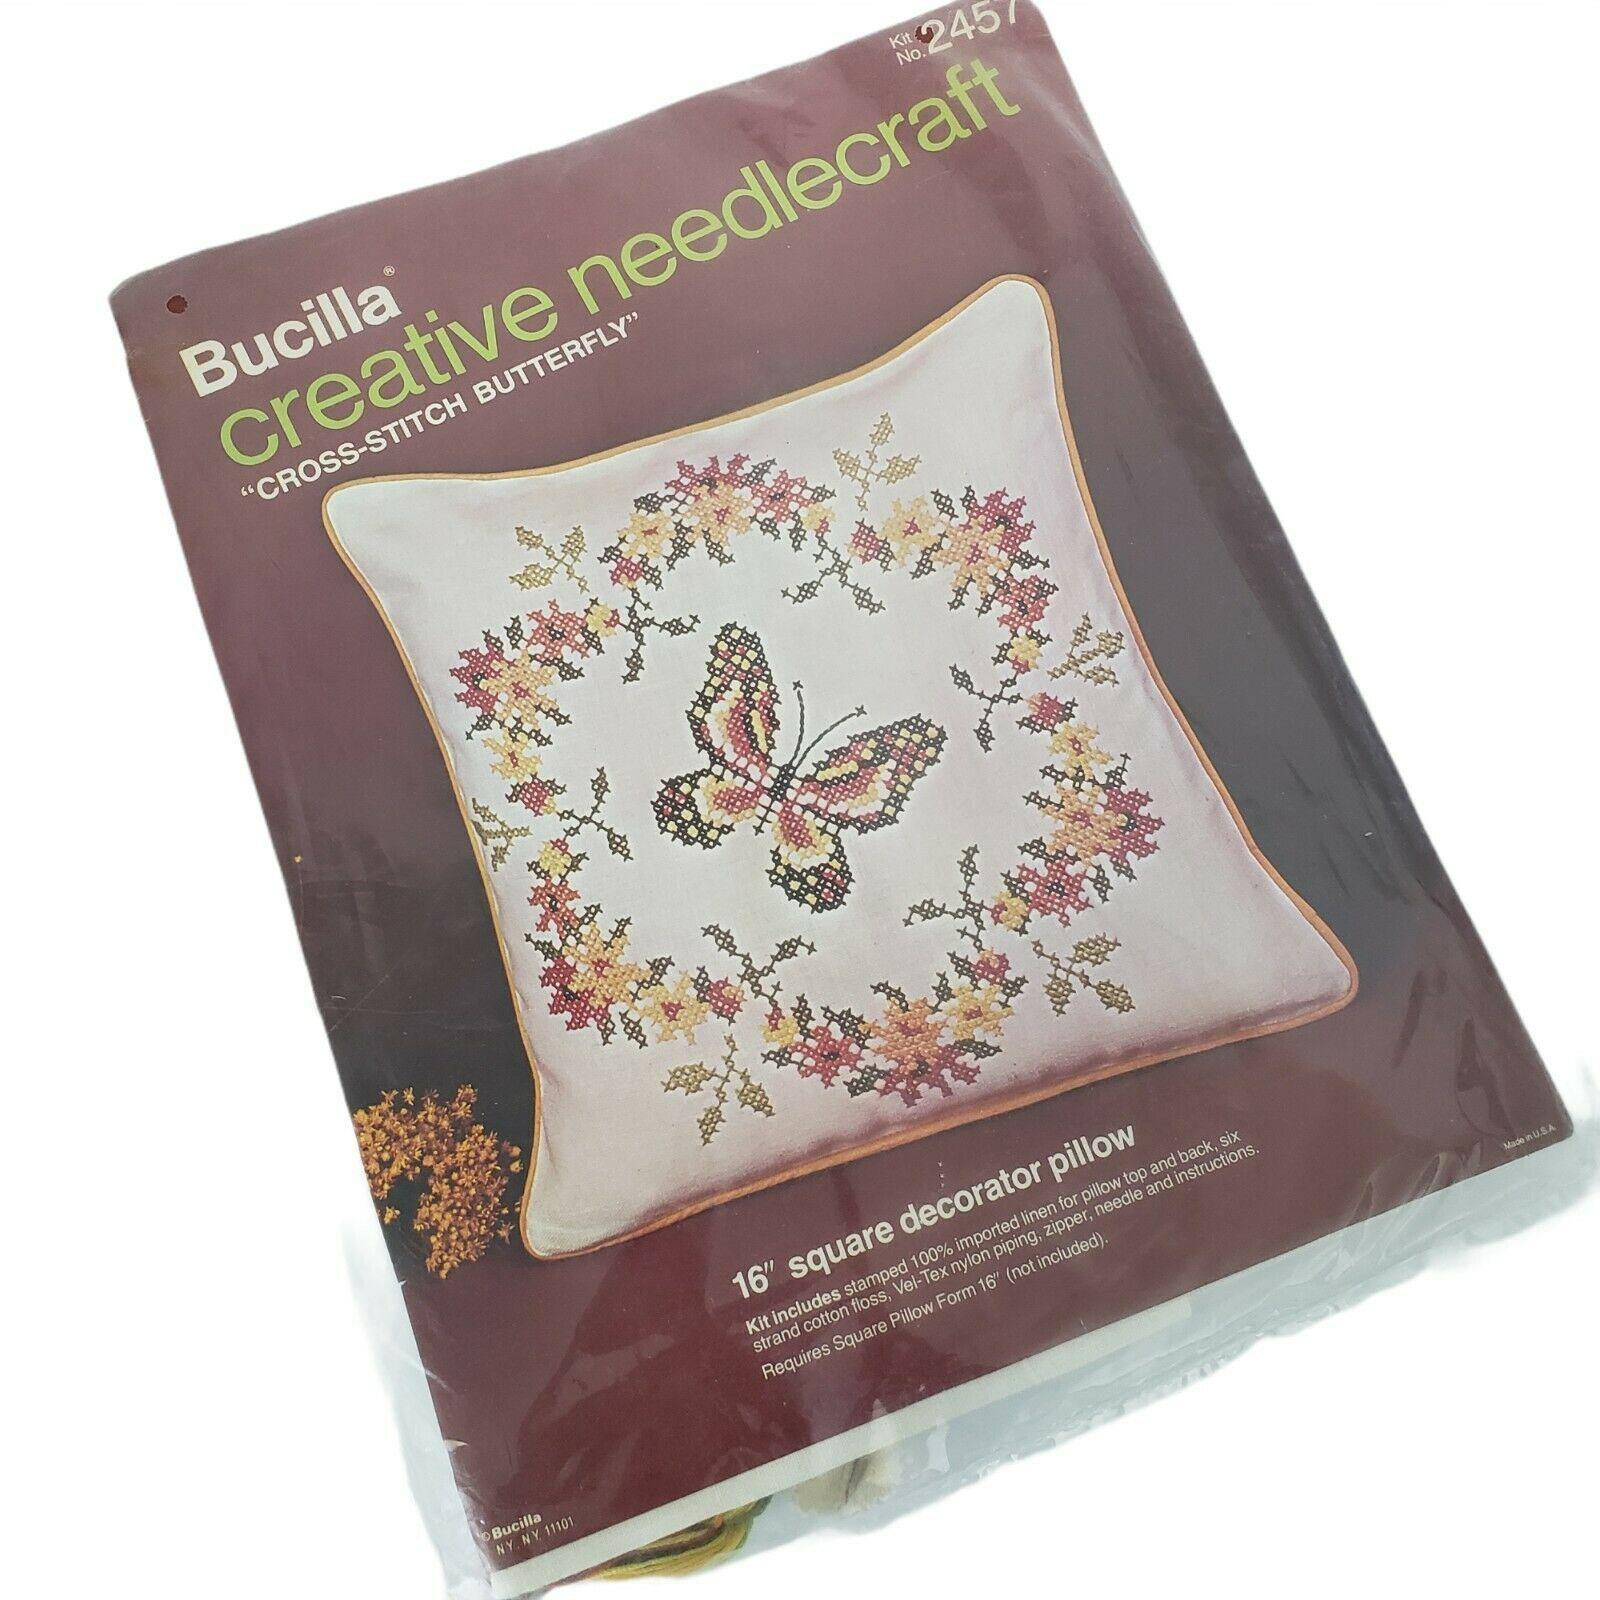 """Bucilla Creative Needlecraft Stamped Cross Stitch Butterfly 16"""" Pillow Vintage - $14.84"""